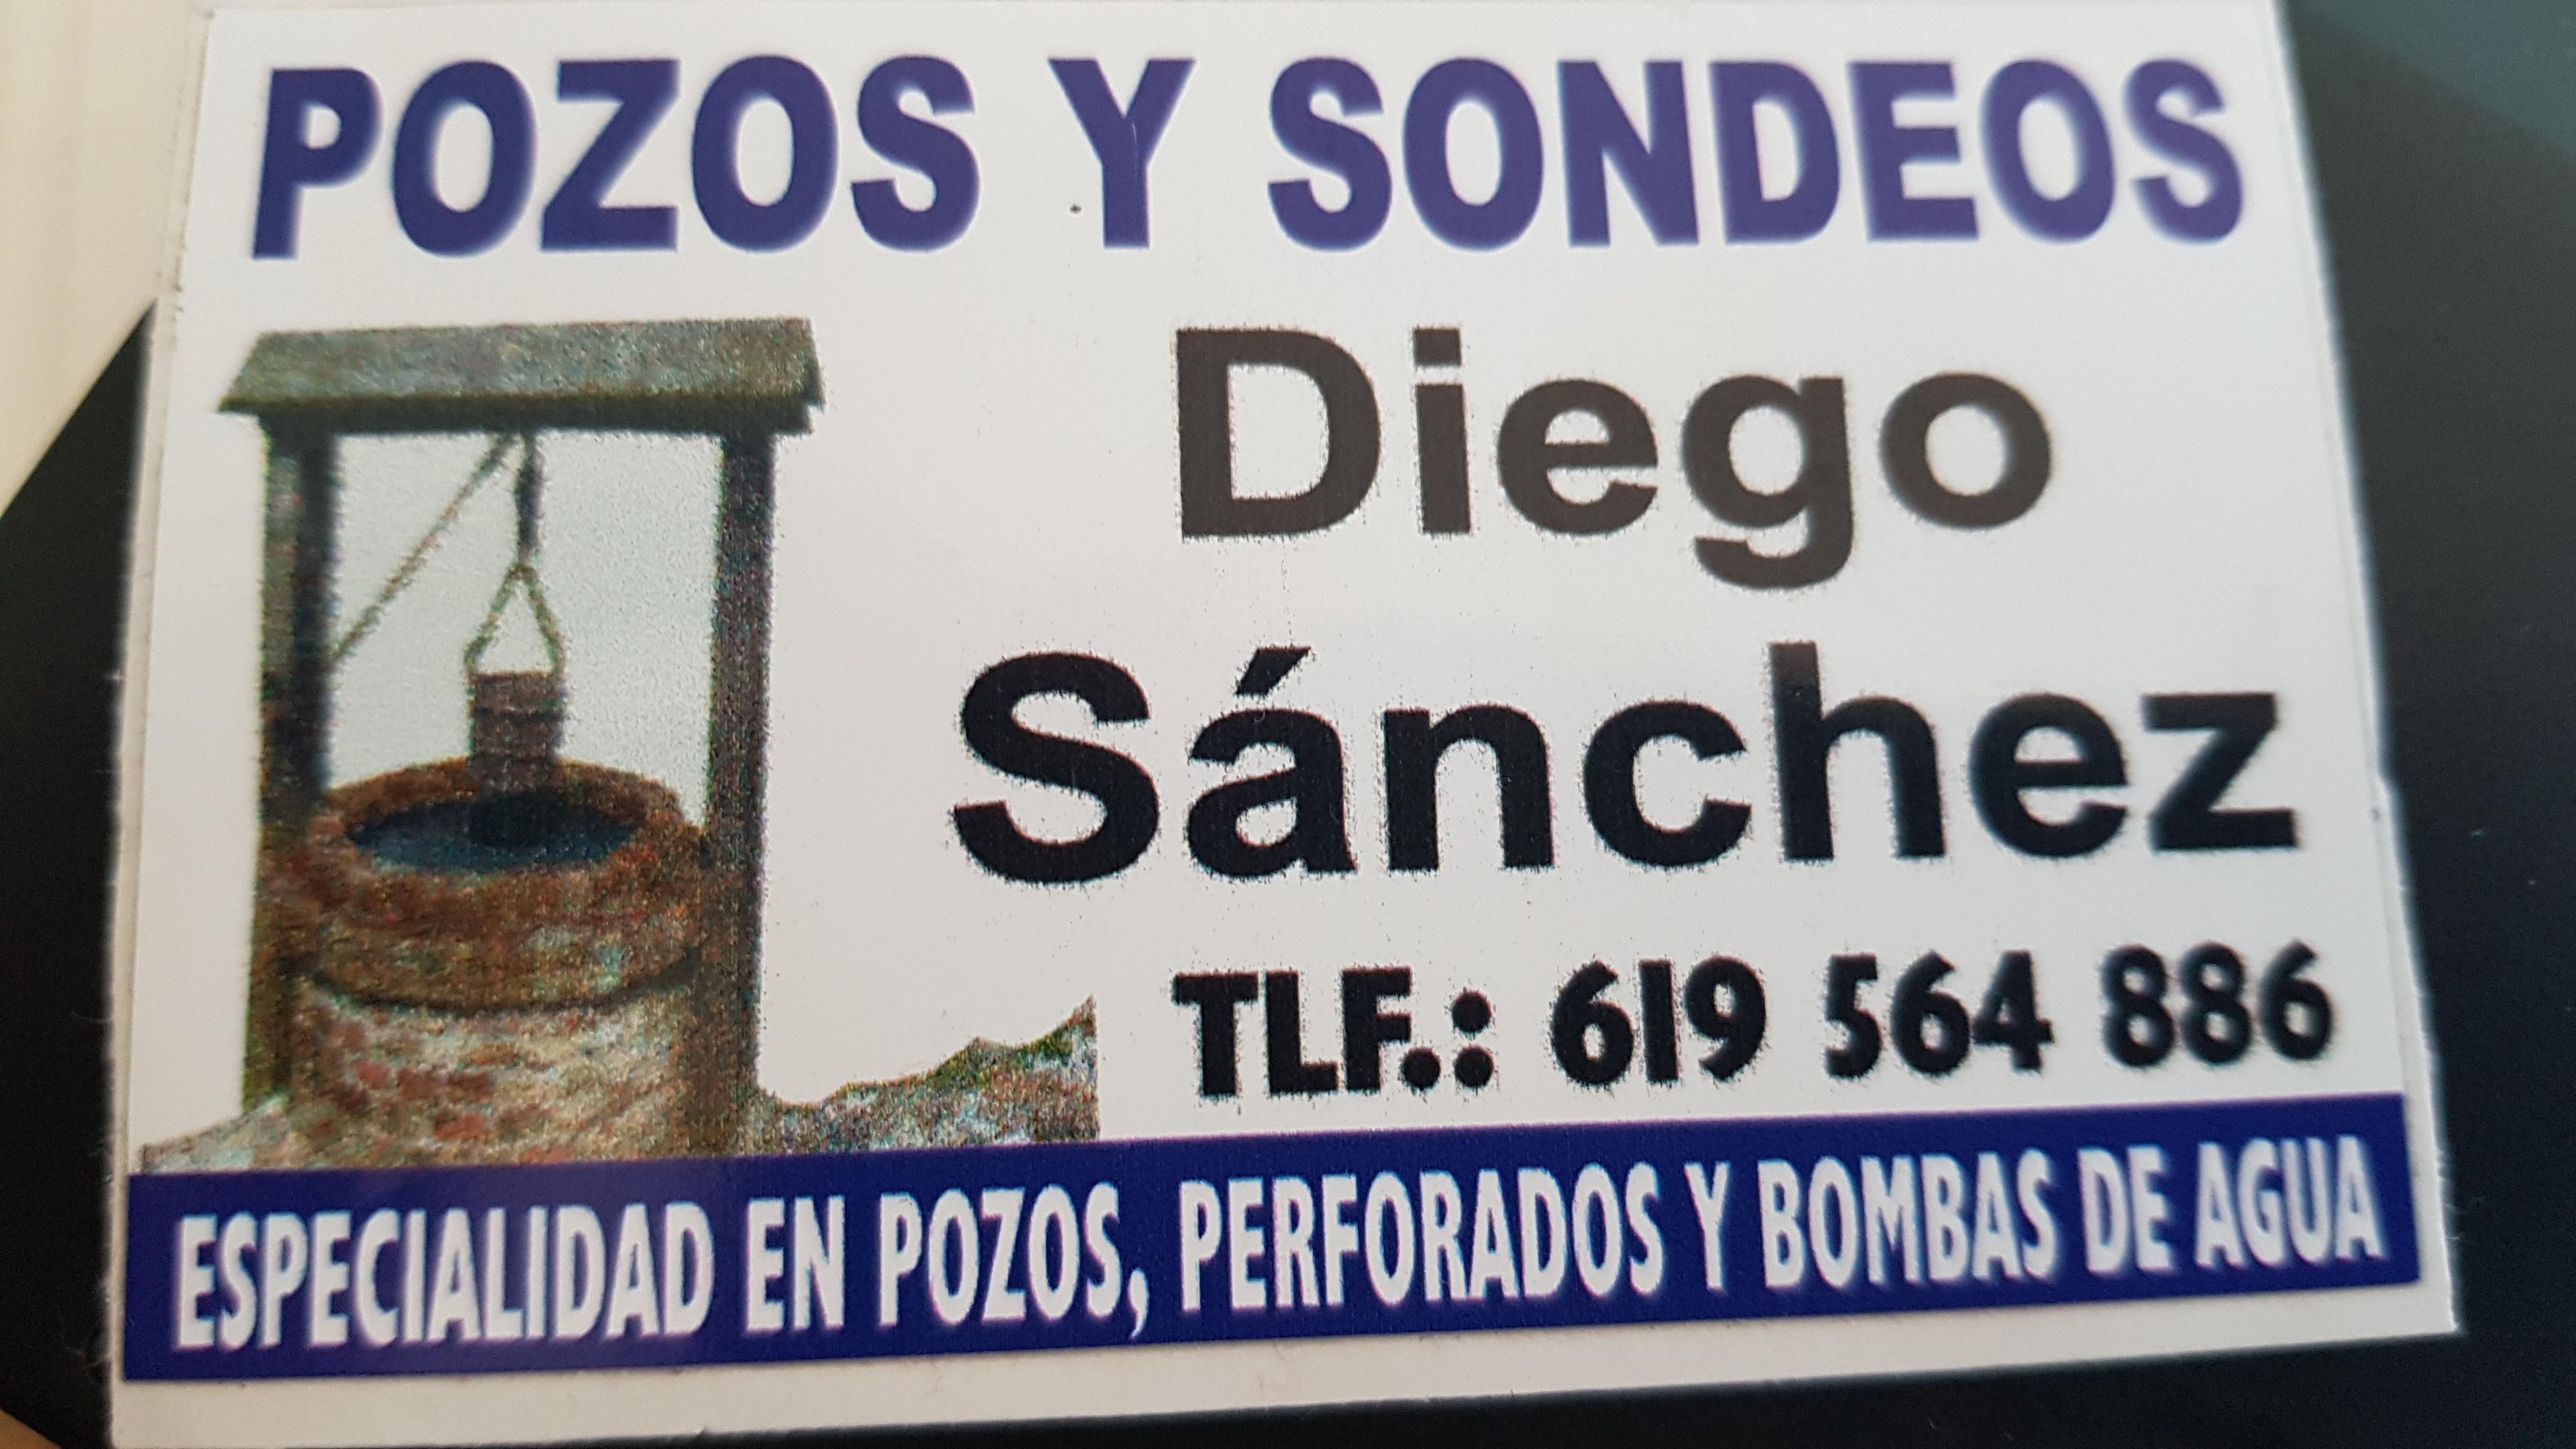 Pozos Y Sondeos Sanchez